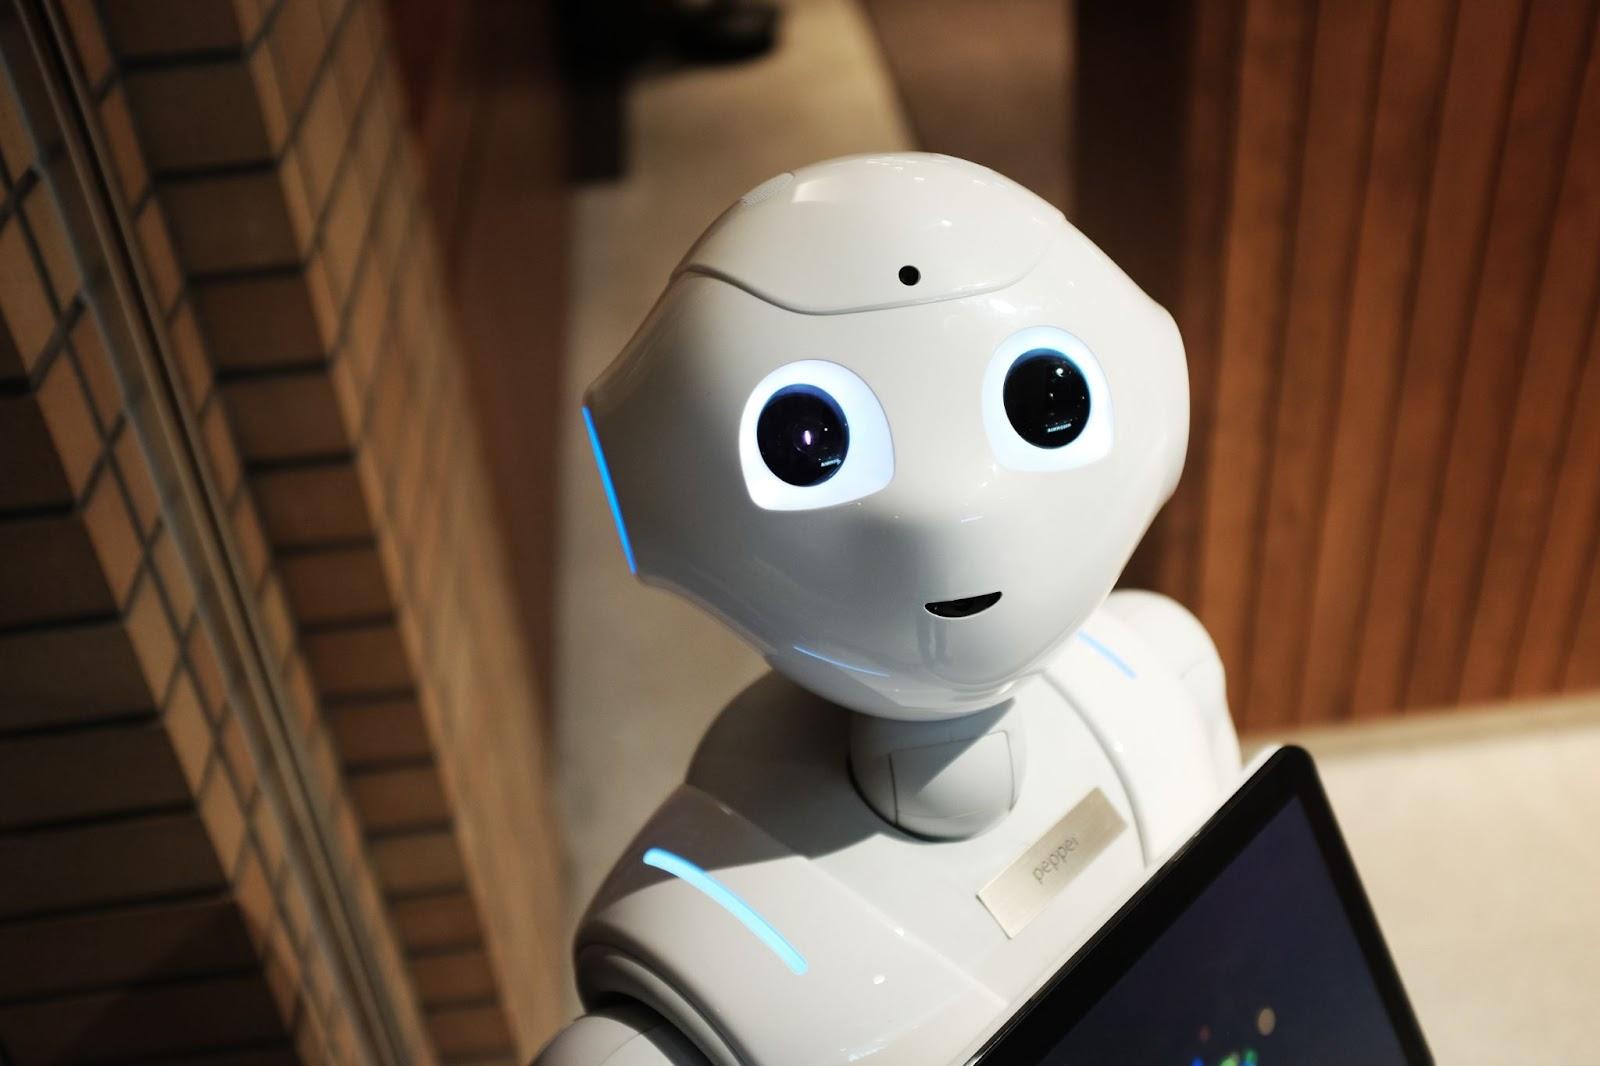 Artificial intelligence specialsit